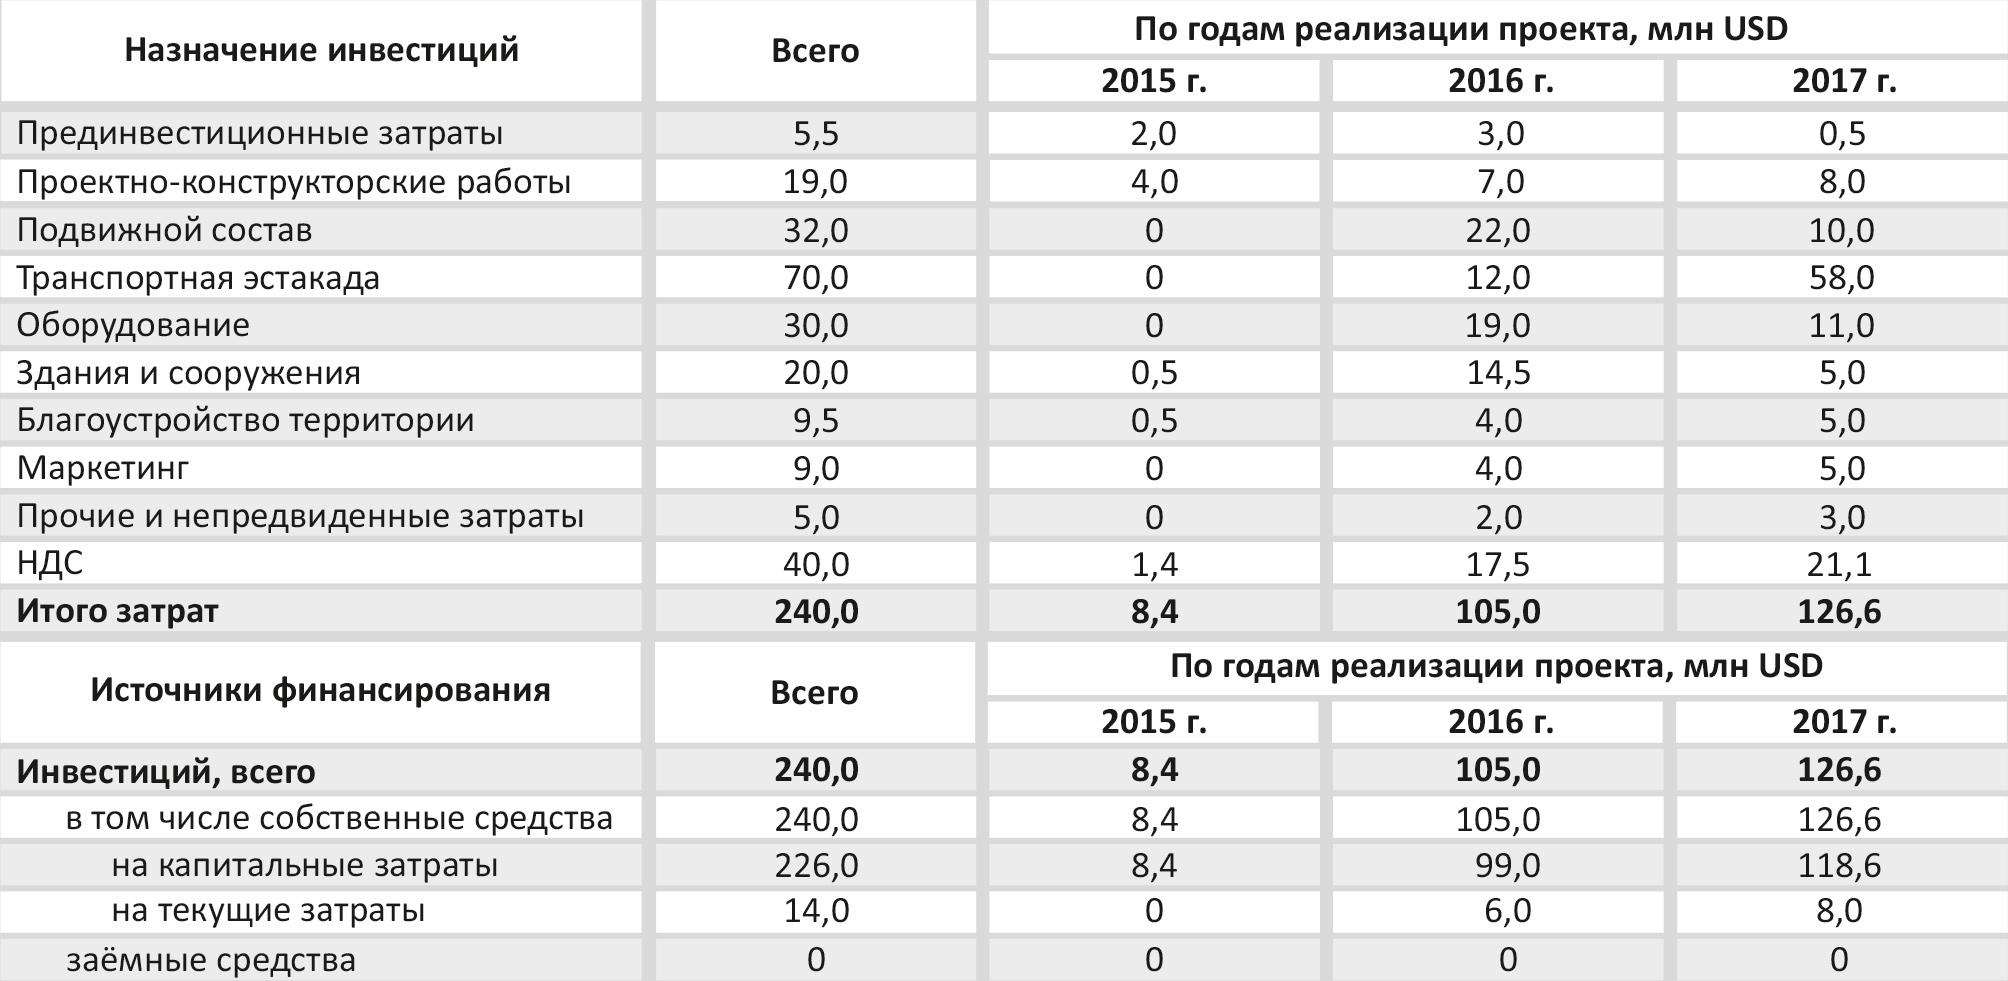 Таблица 1.1 – Инвестиционный план, млн USD